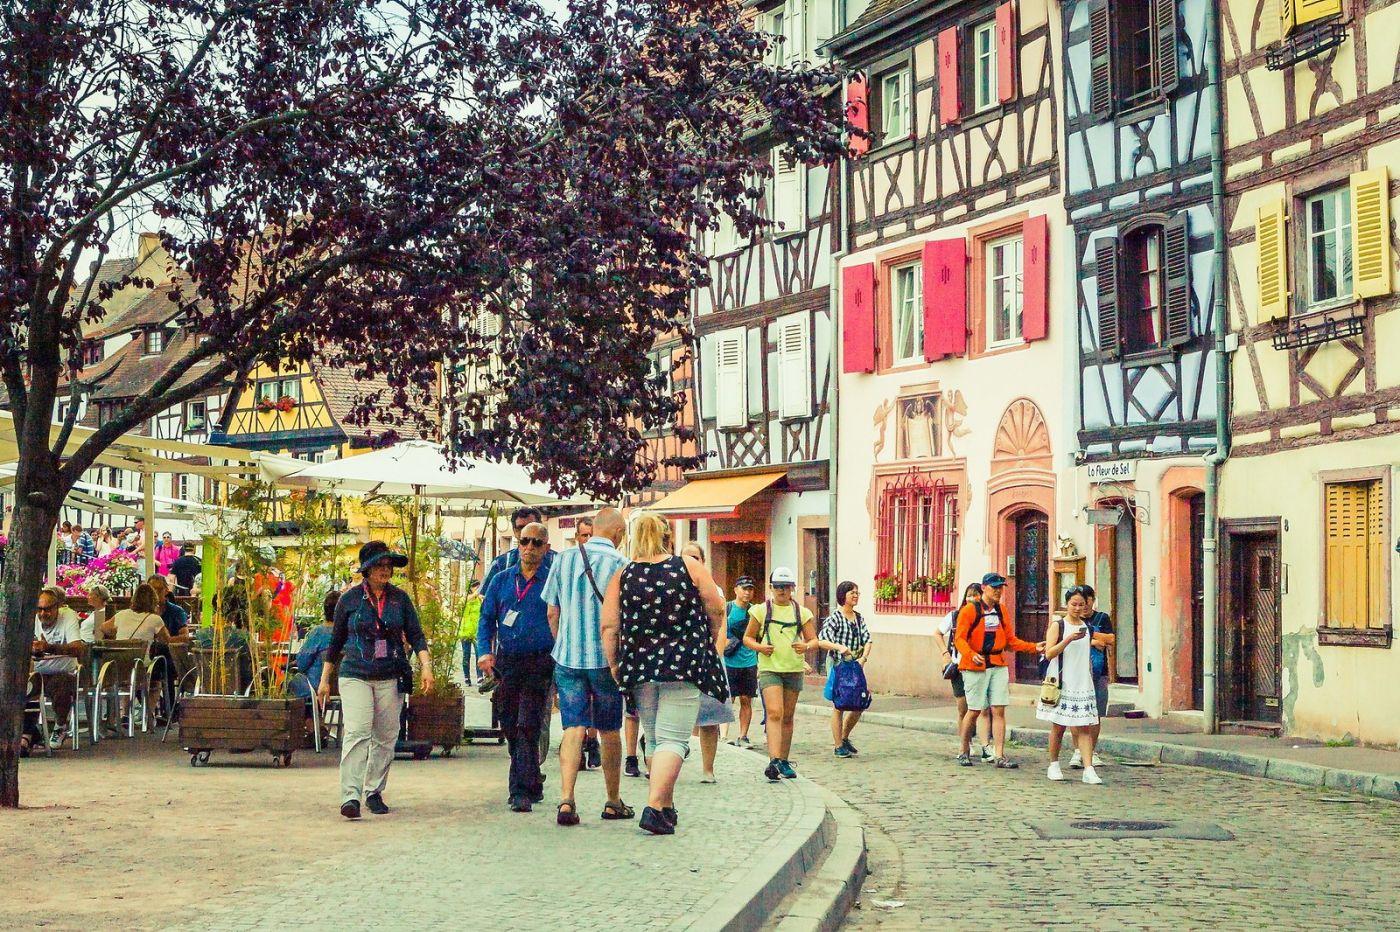 法国科尔马(Colmar),街口路拍_图1-4